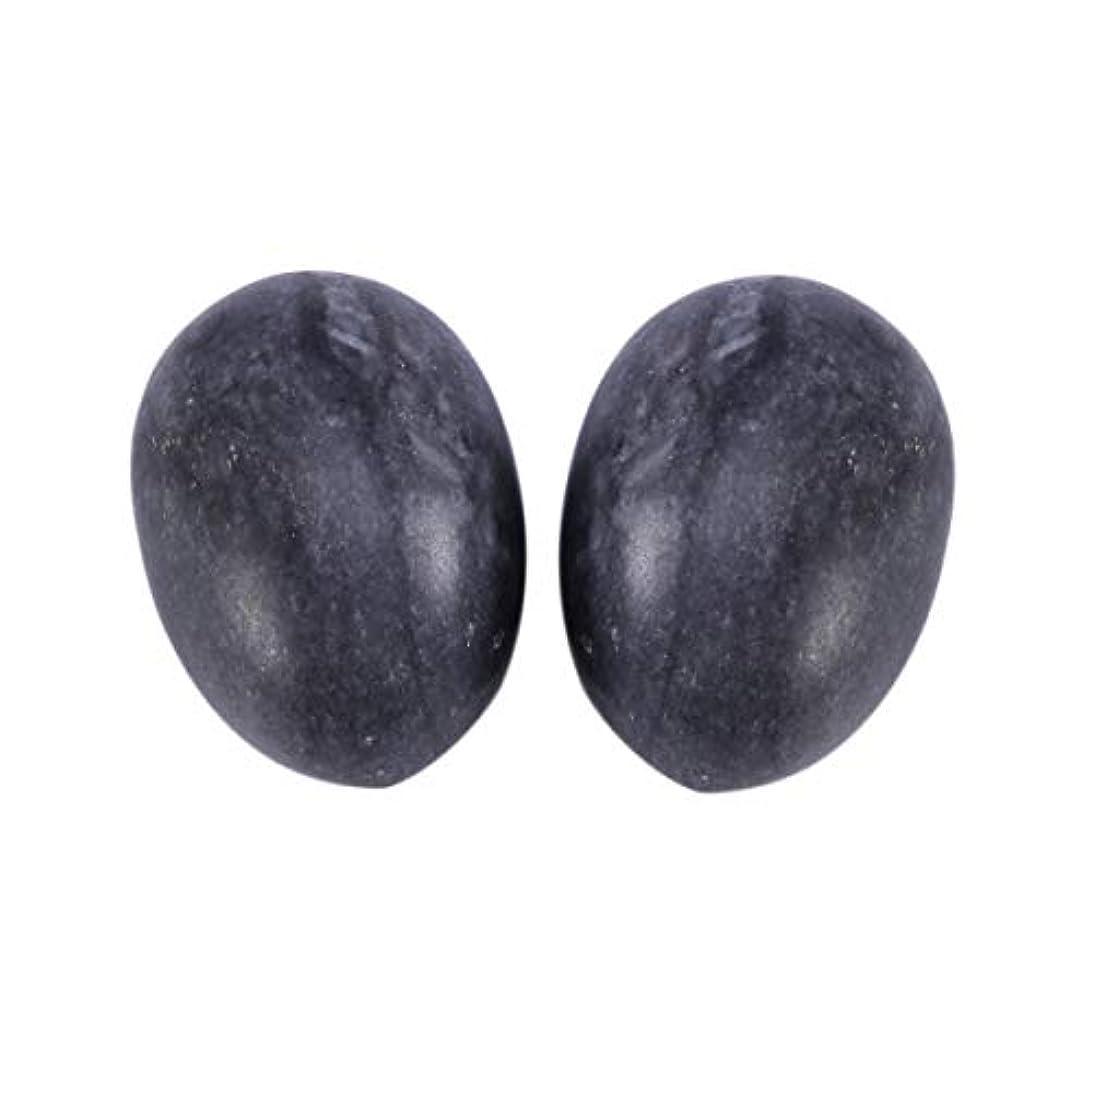 不安定祝うカストディアンHealifty 6PCS翡翠Yoni卵マッサージ癒しの石のケゲル運動骨盤底筋運動(黒)